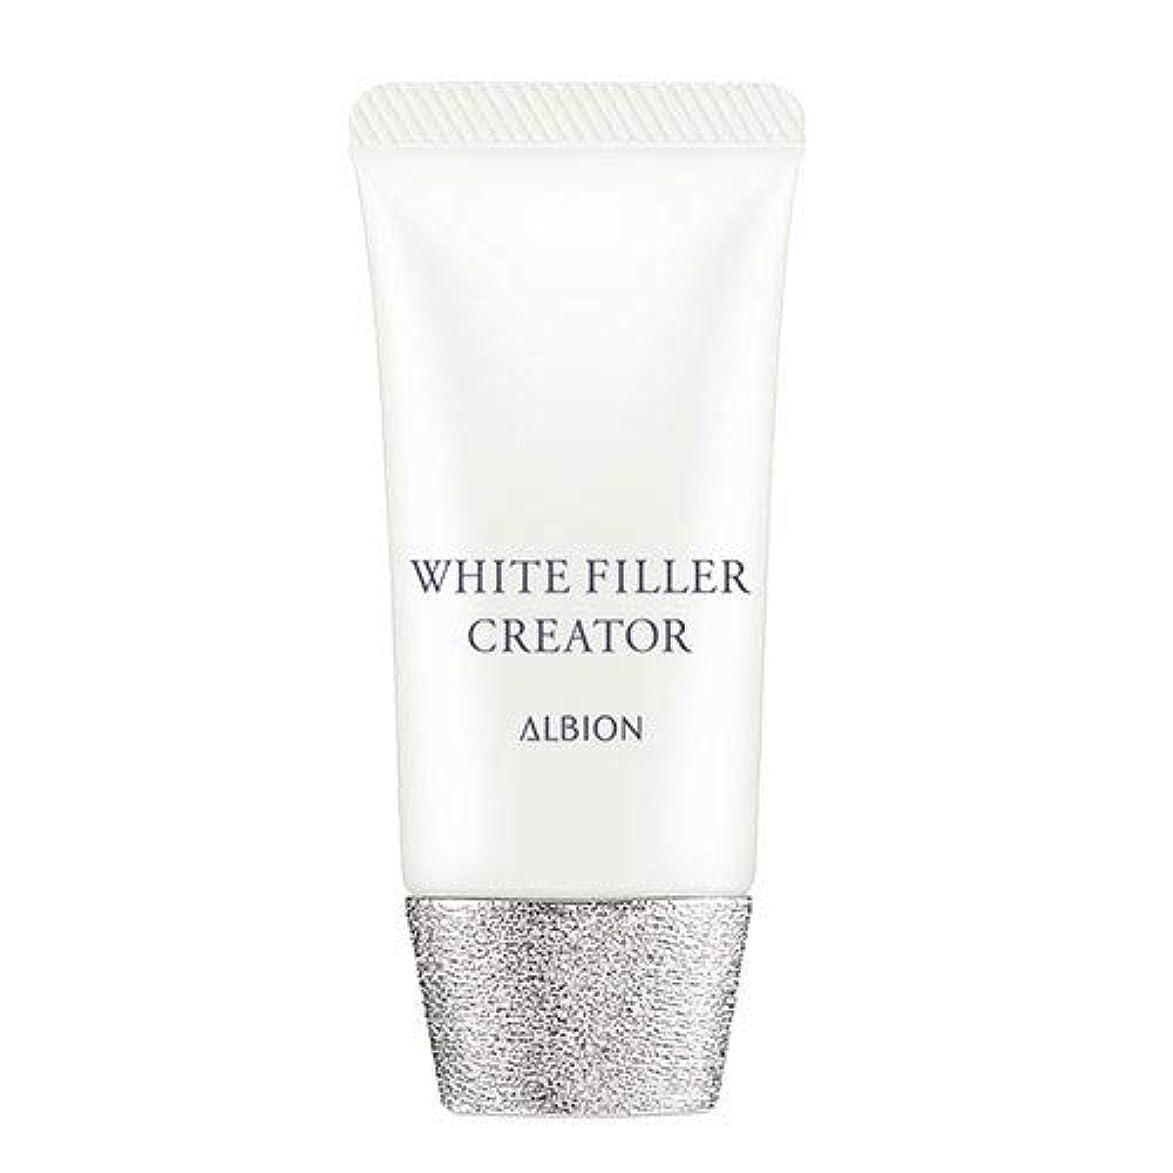 素晴らしさ付添人気味の悪いアルビオン ホワイトフィラー クリエイター SPF35?PA+++ 30g -ALBION-